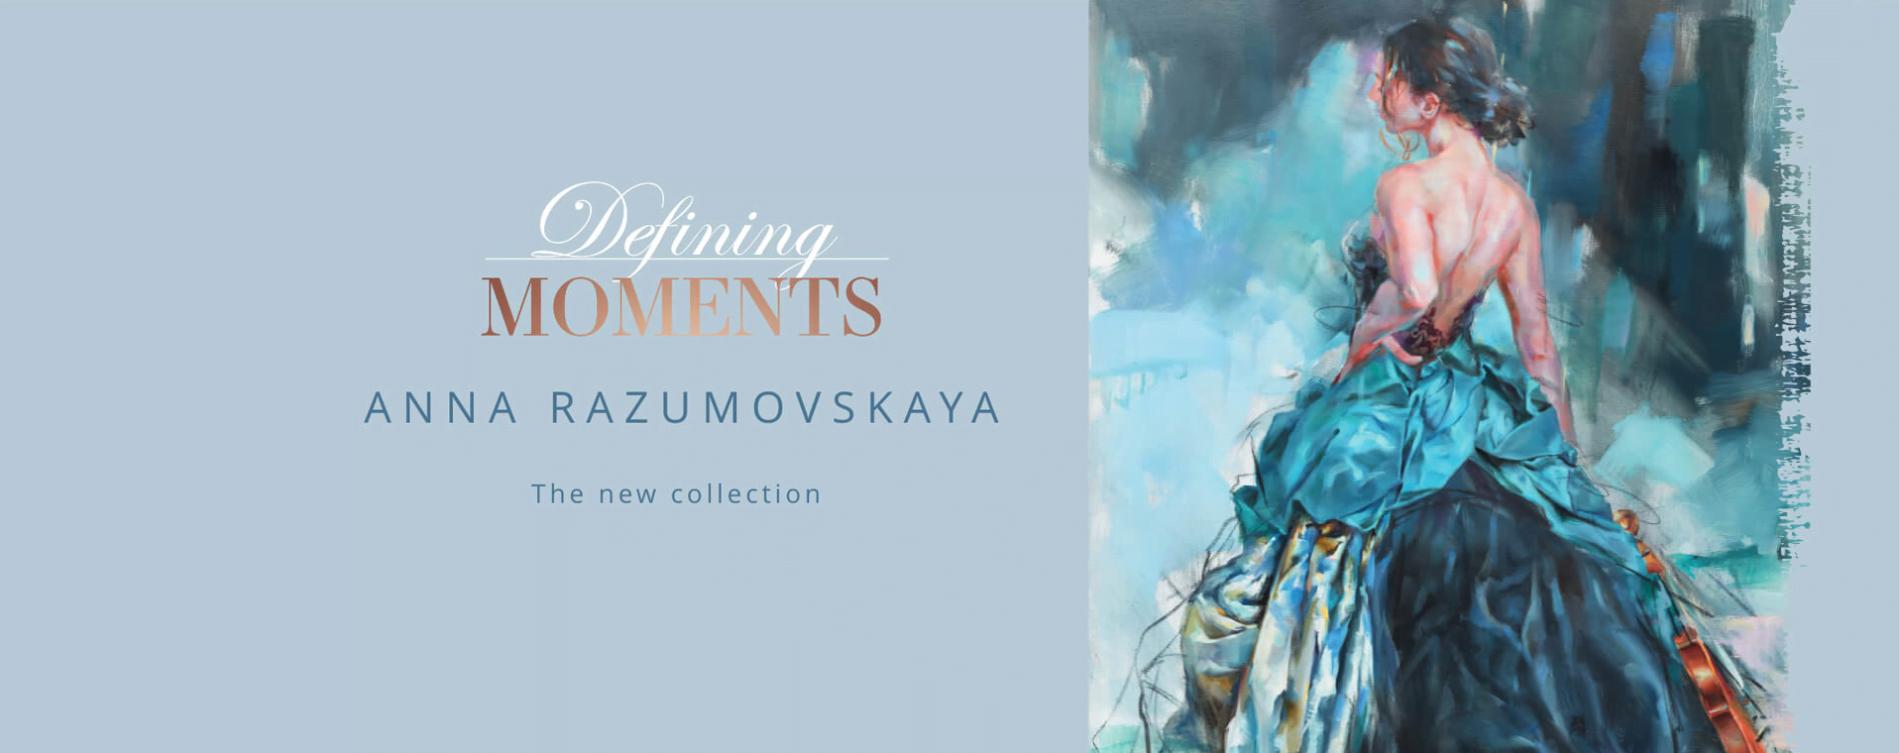 Anna Razumovskaya | Defining Moments